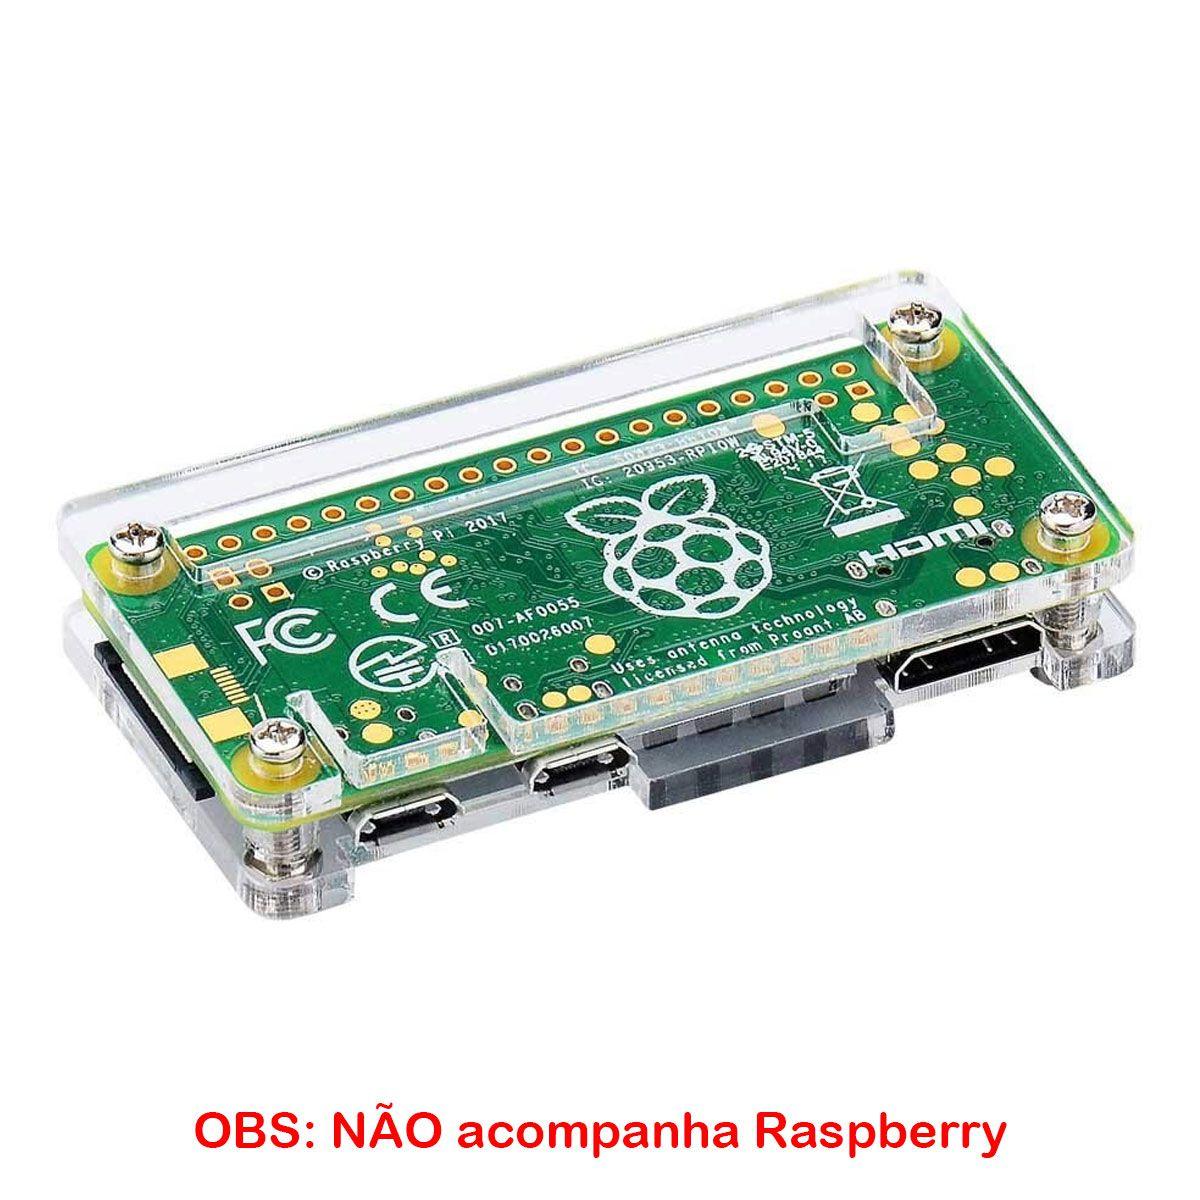 Case de Acrílico transparente + Dissipador para Raspberry Pi Zero